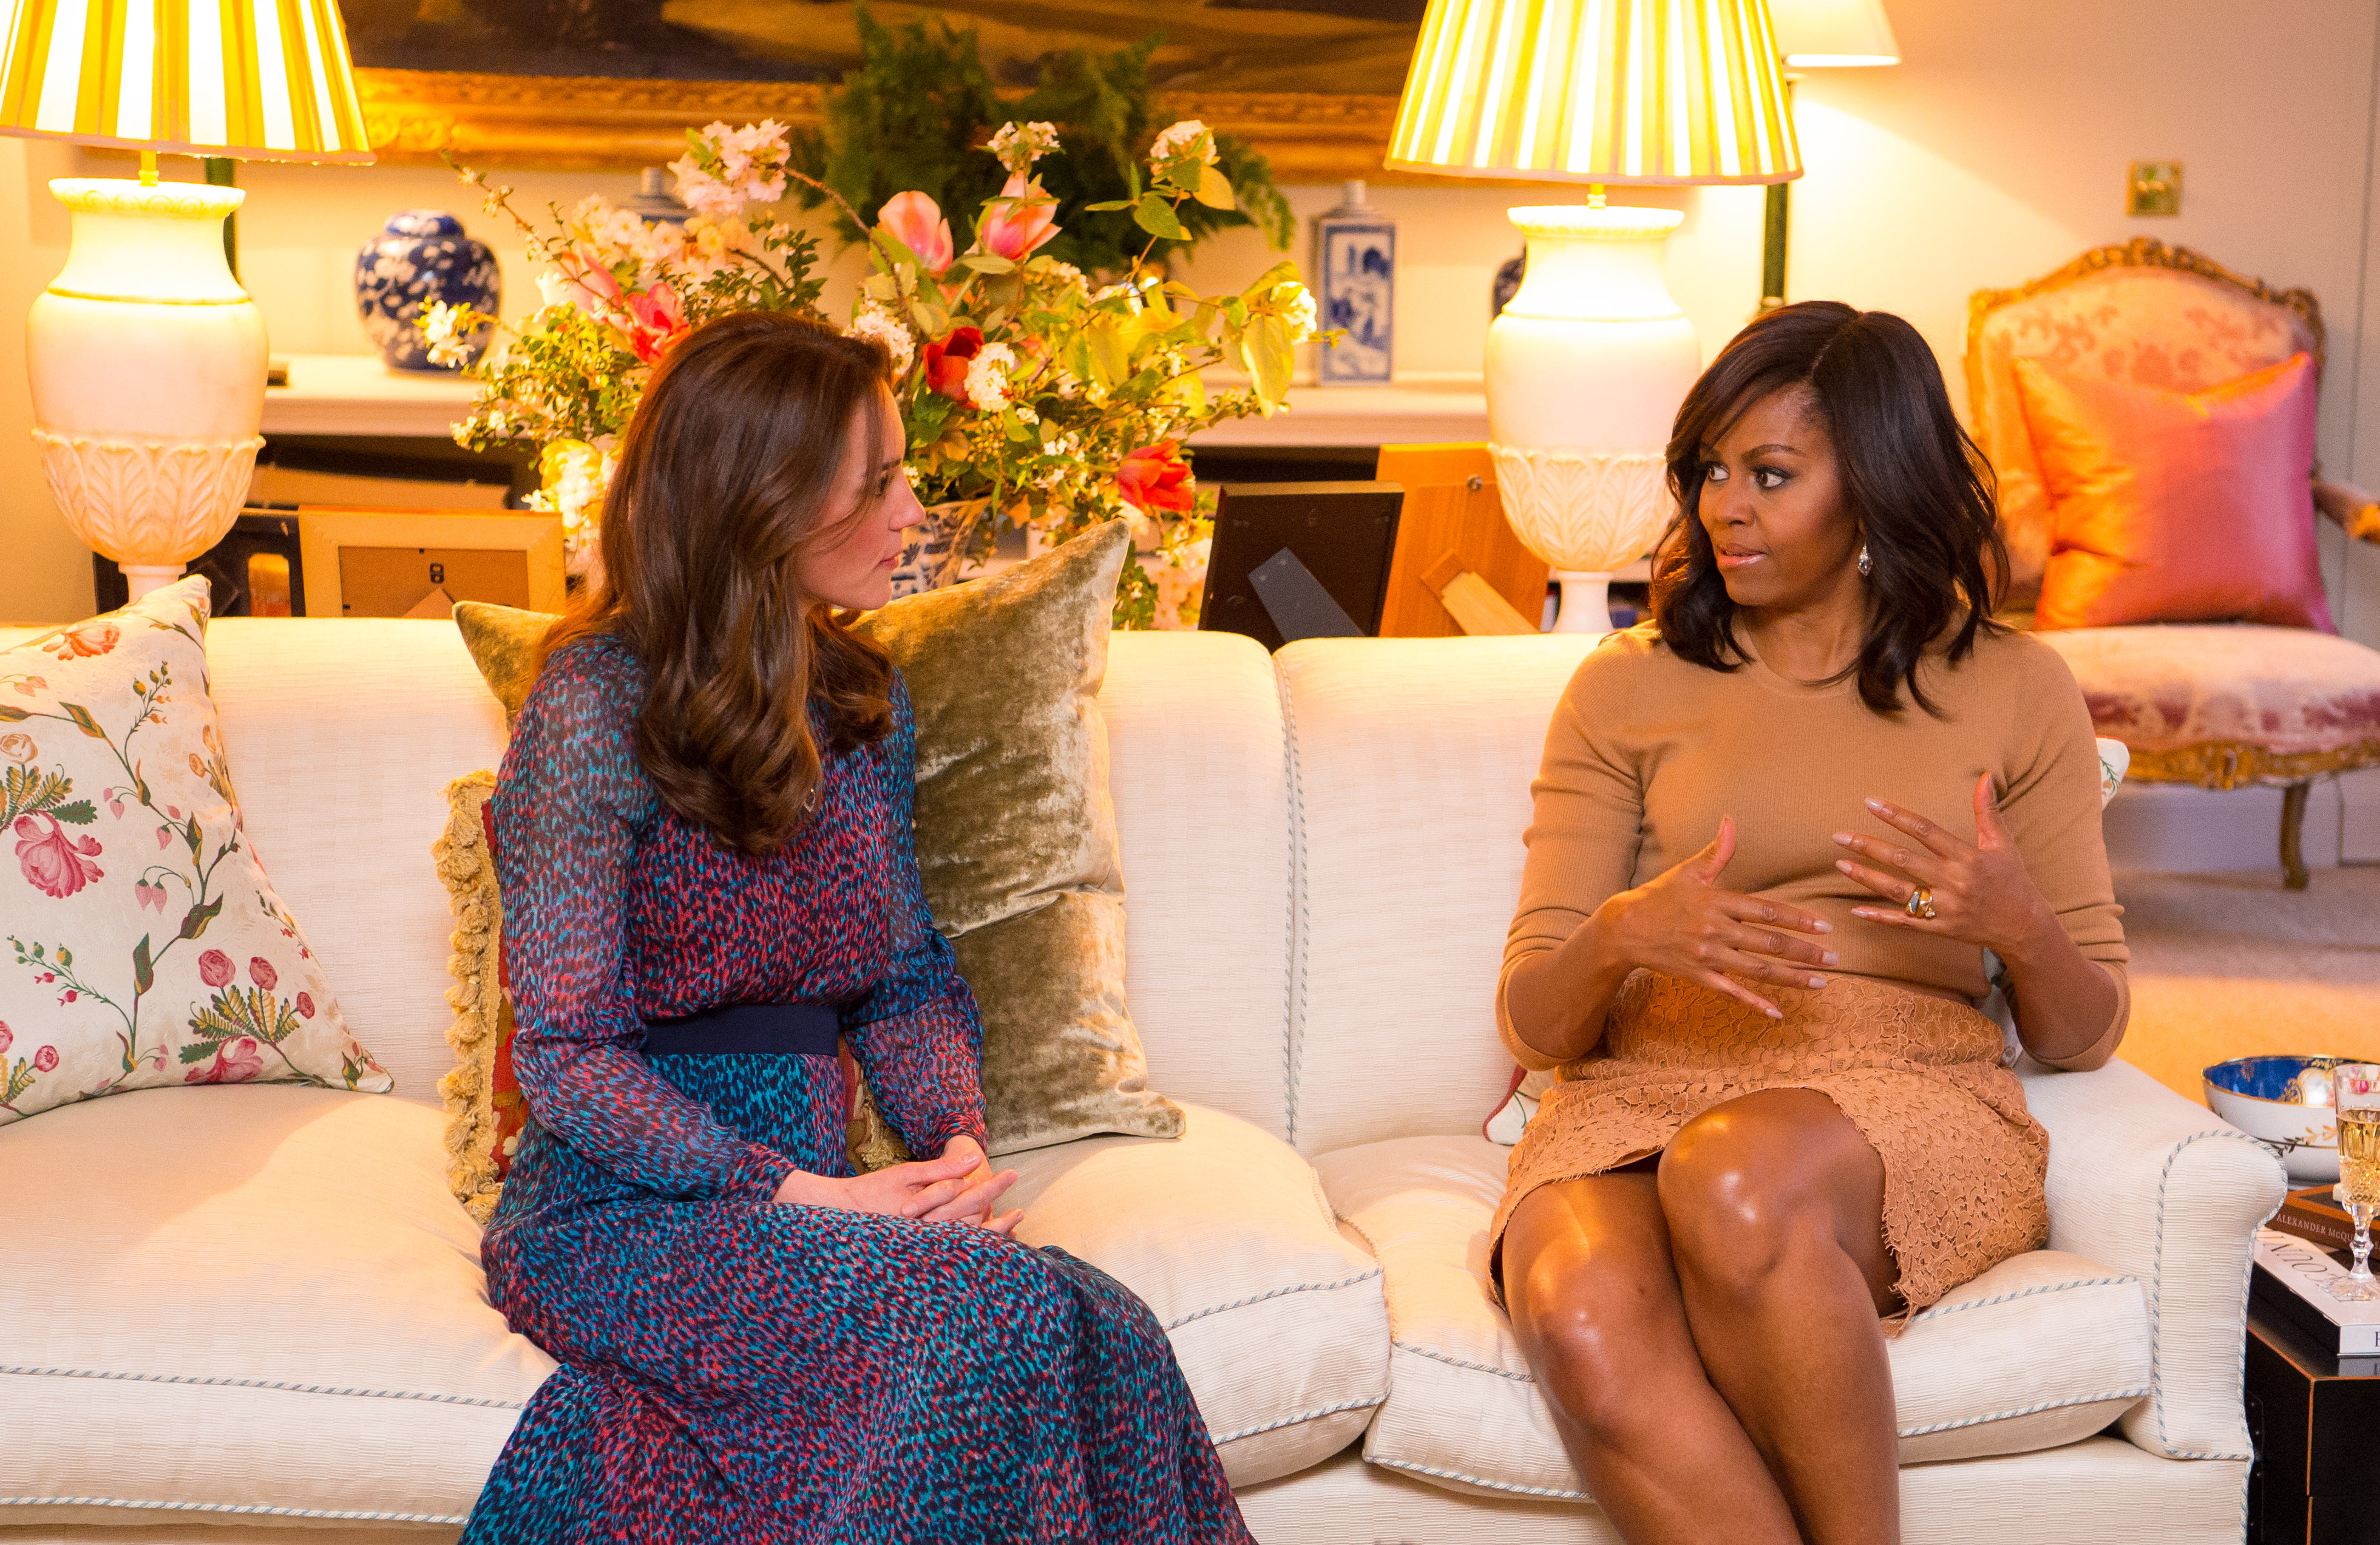 Katalin és a first lady, Michelle Obama a nappali egyik kanapéján. A háttérben jól látható, hogy a család nem csak virágos dolgokkal, de élő virággal is szeretik díszíteni otthonukat. Valamint kedveli a régi, elegáns, antik bútorokat.